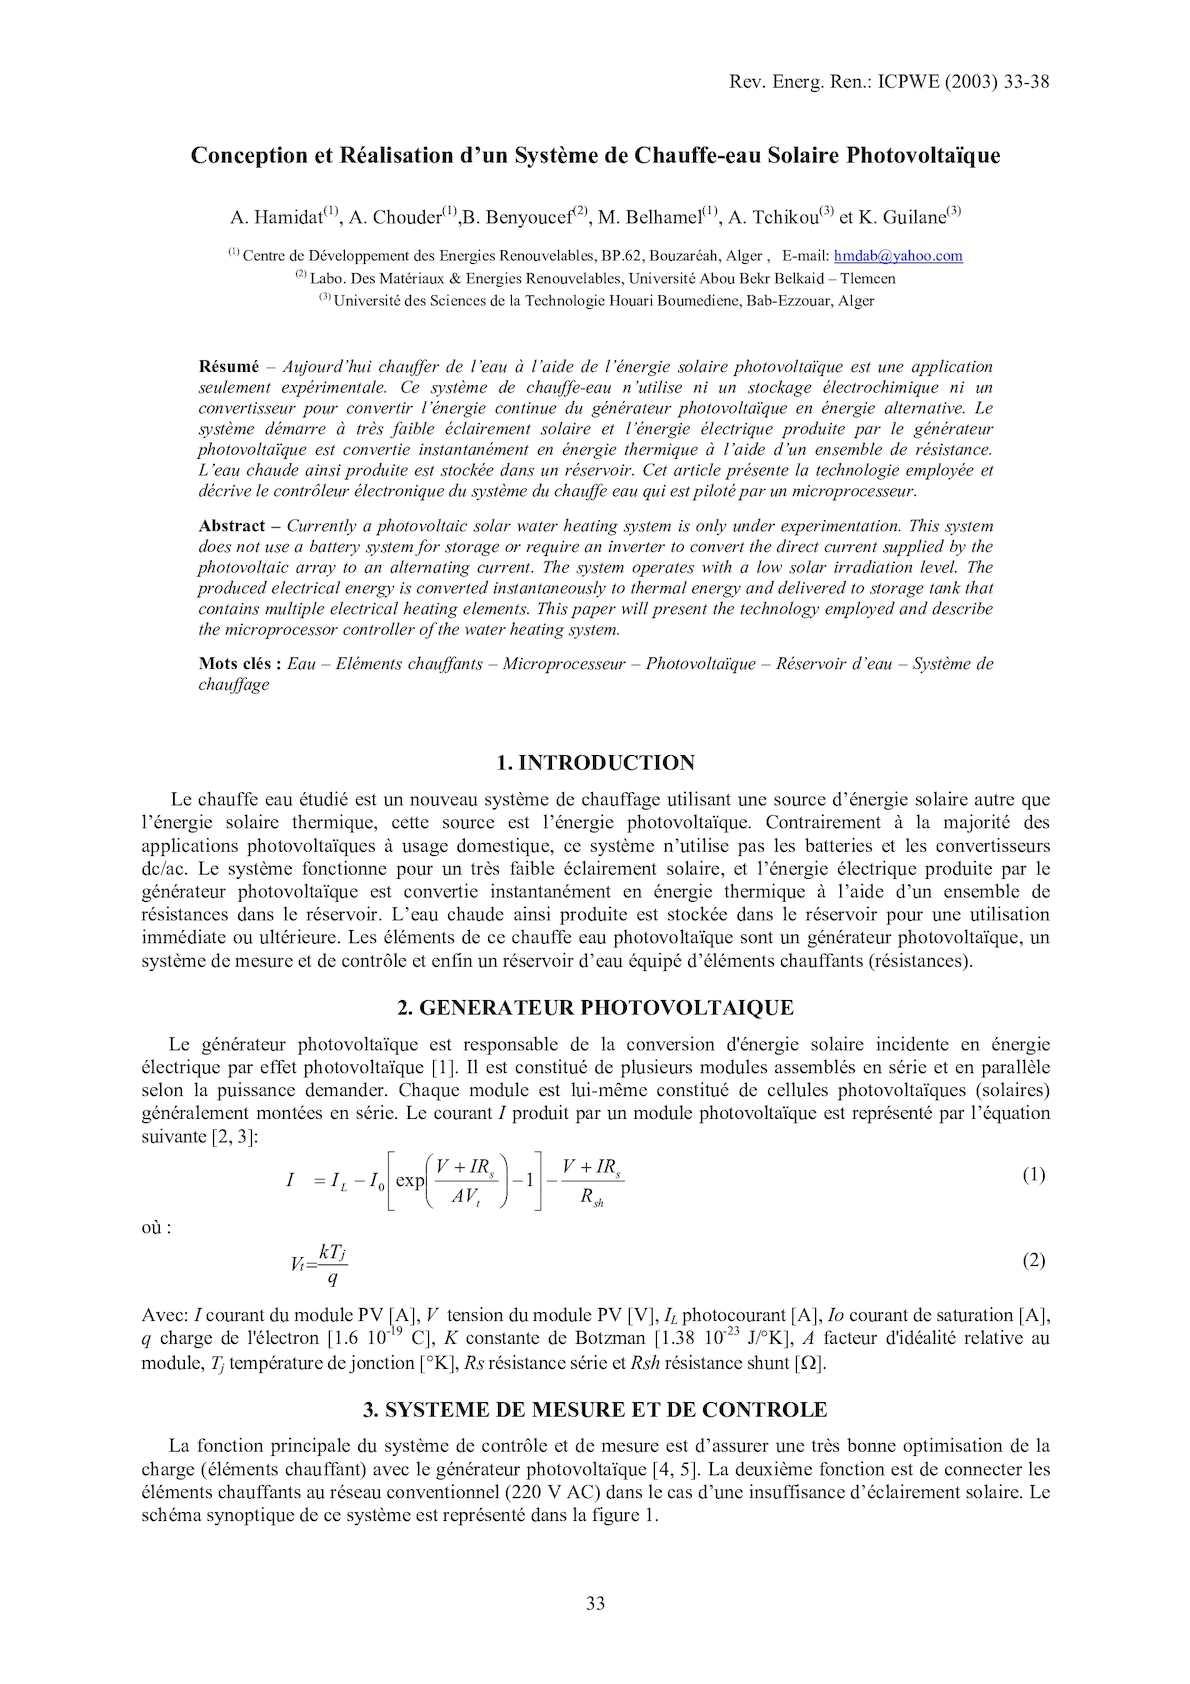 Conception Et Réalisation D'un Système De Chauffe Eau Solaire Photovoltaïque